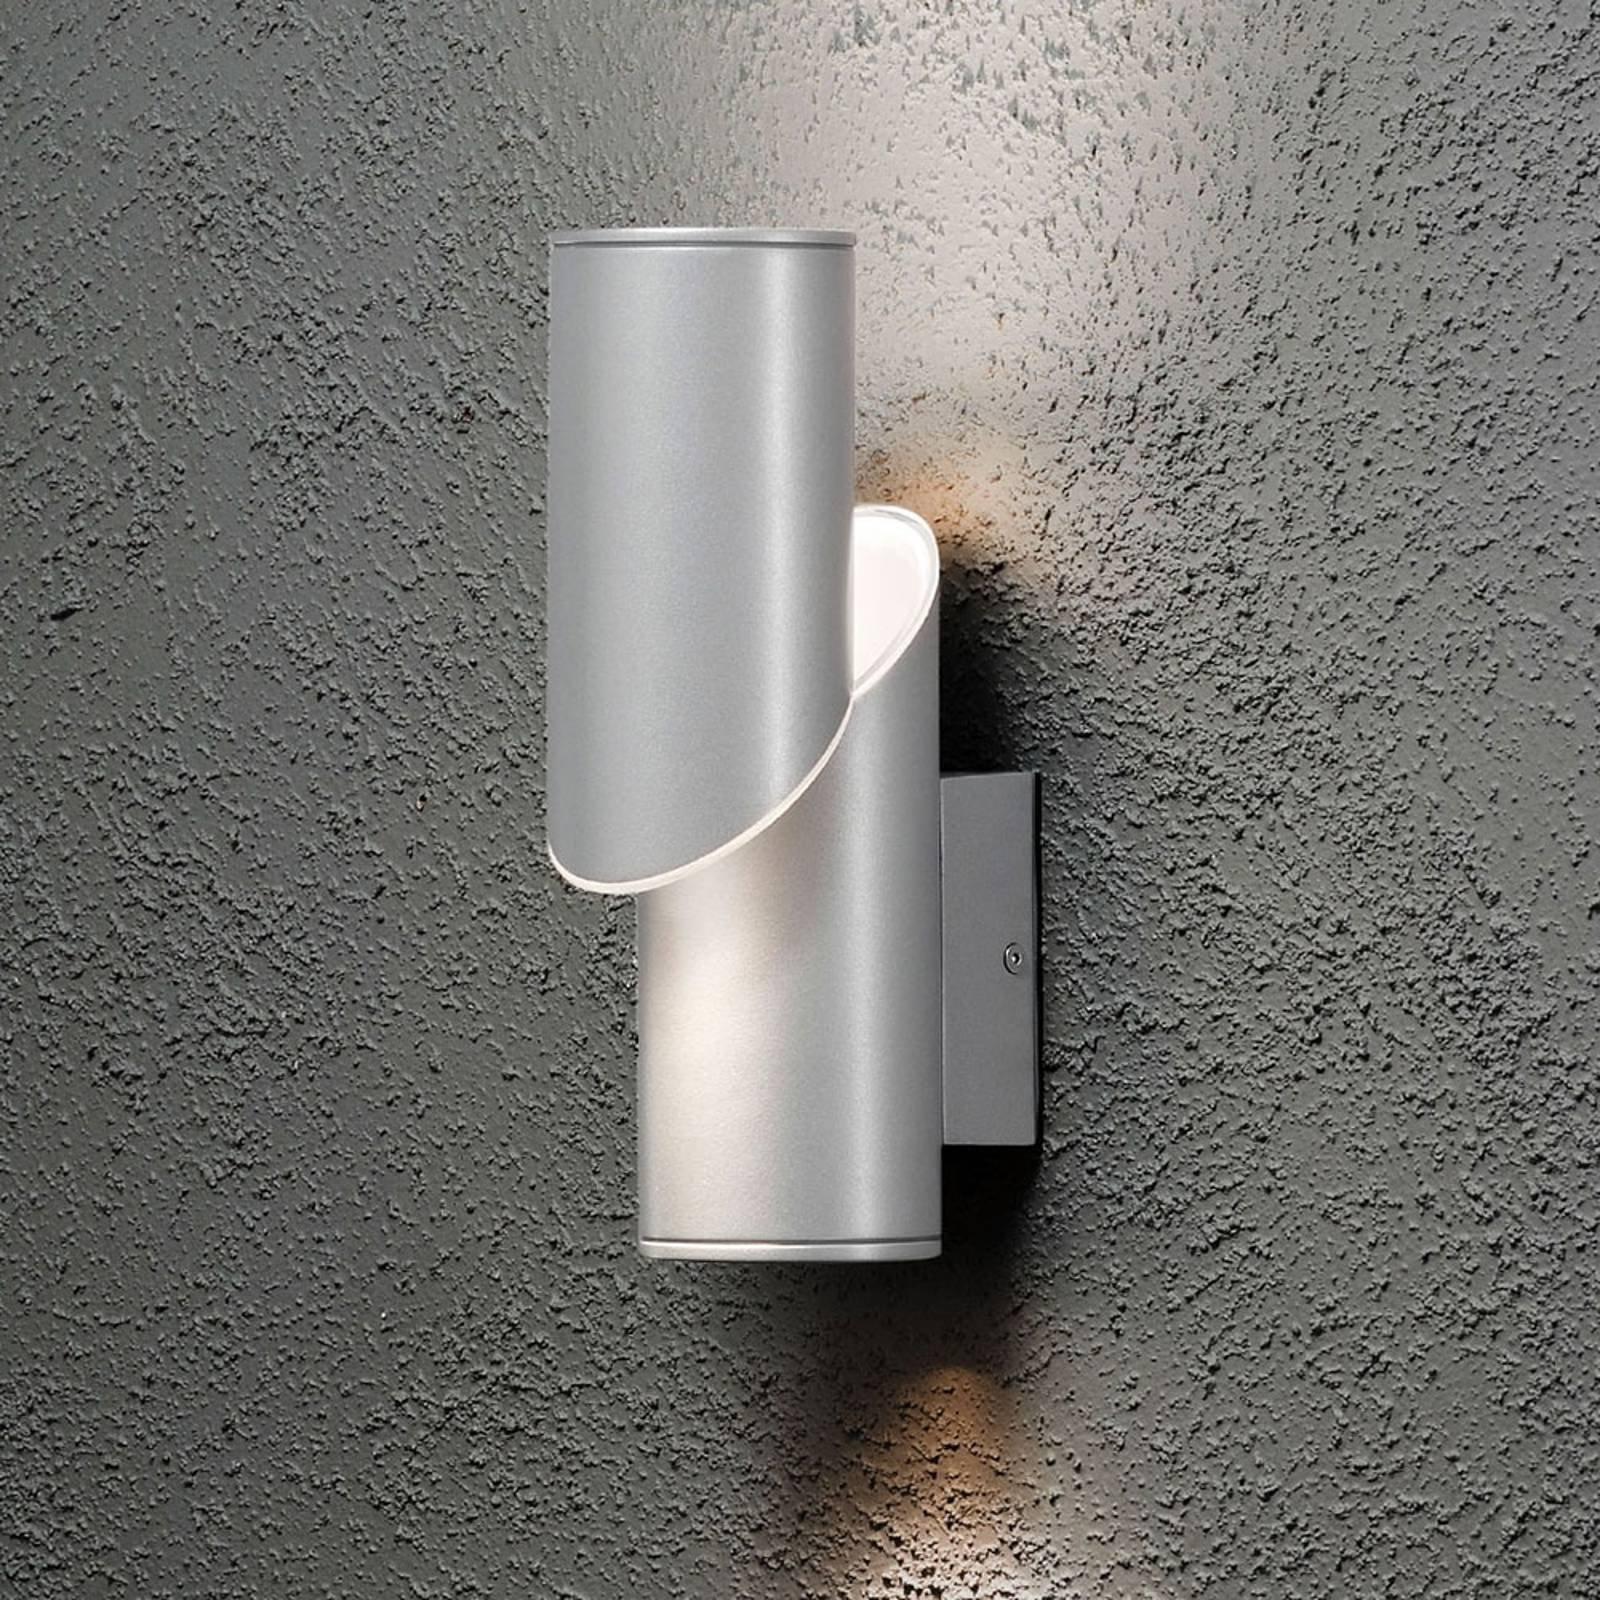 Up-down - vegghengt utelampe Imola med LED-lys